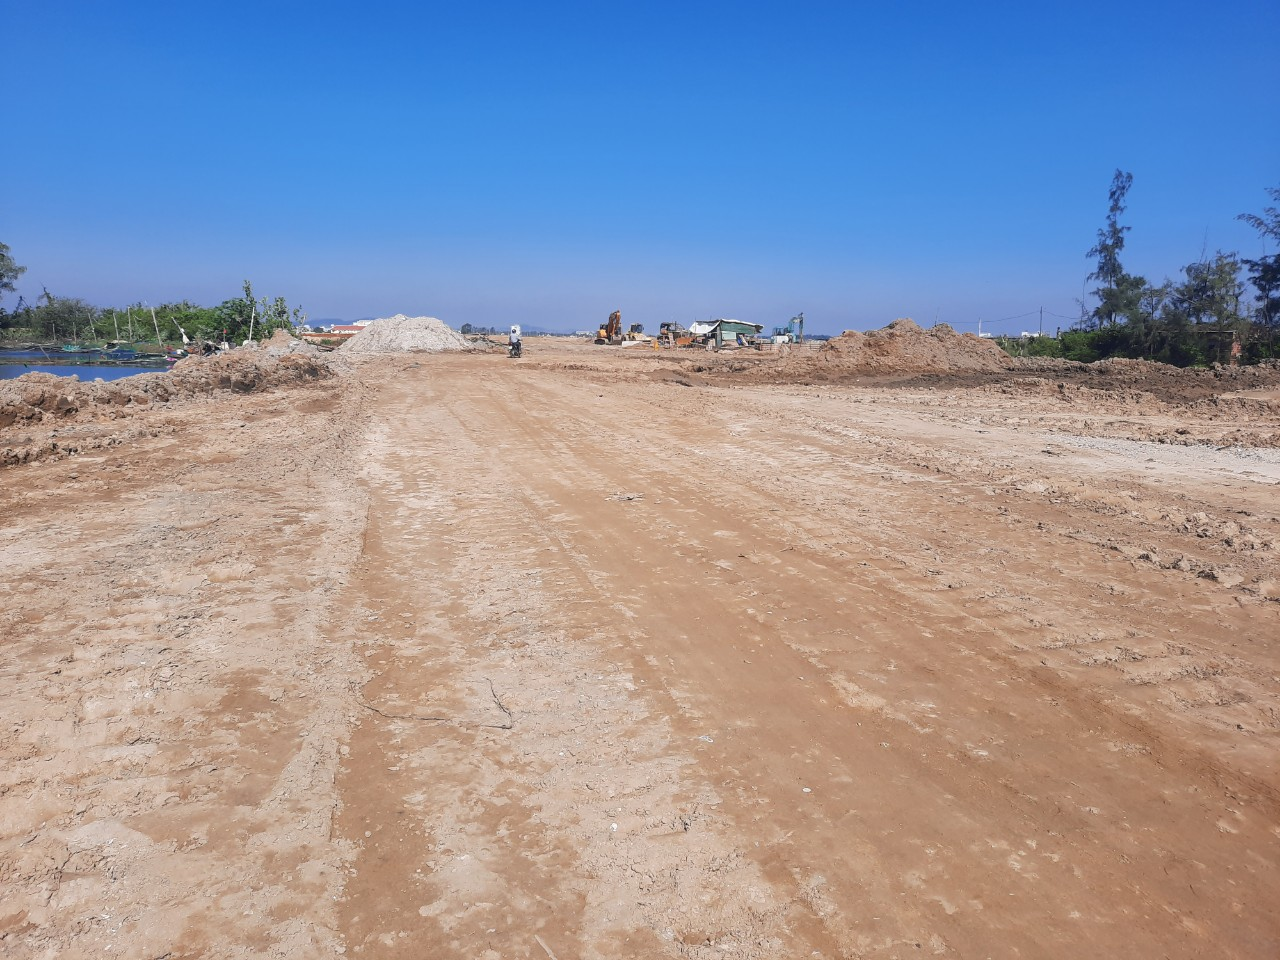 Vì những vướng mắc xoay quanh, những hộ dân này không đồng ý giao đất và bị cưỡng chế thu hồi đất để làm con đường 129 chạy ngang qua